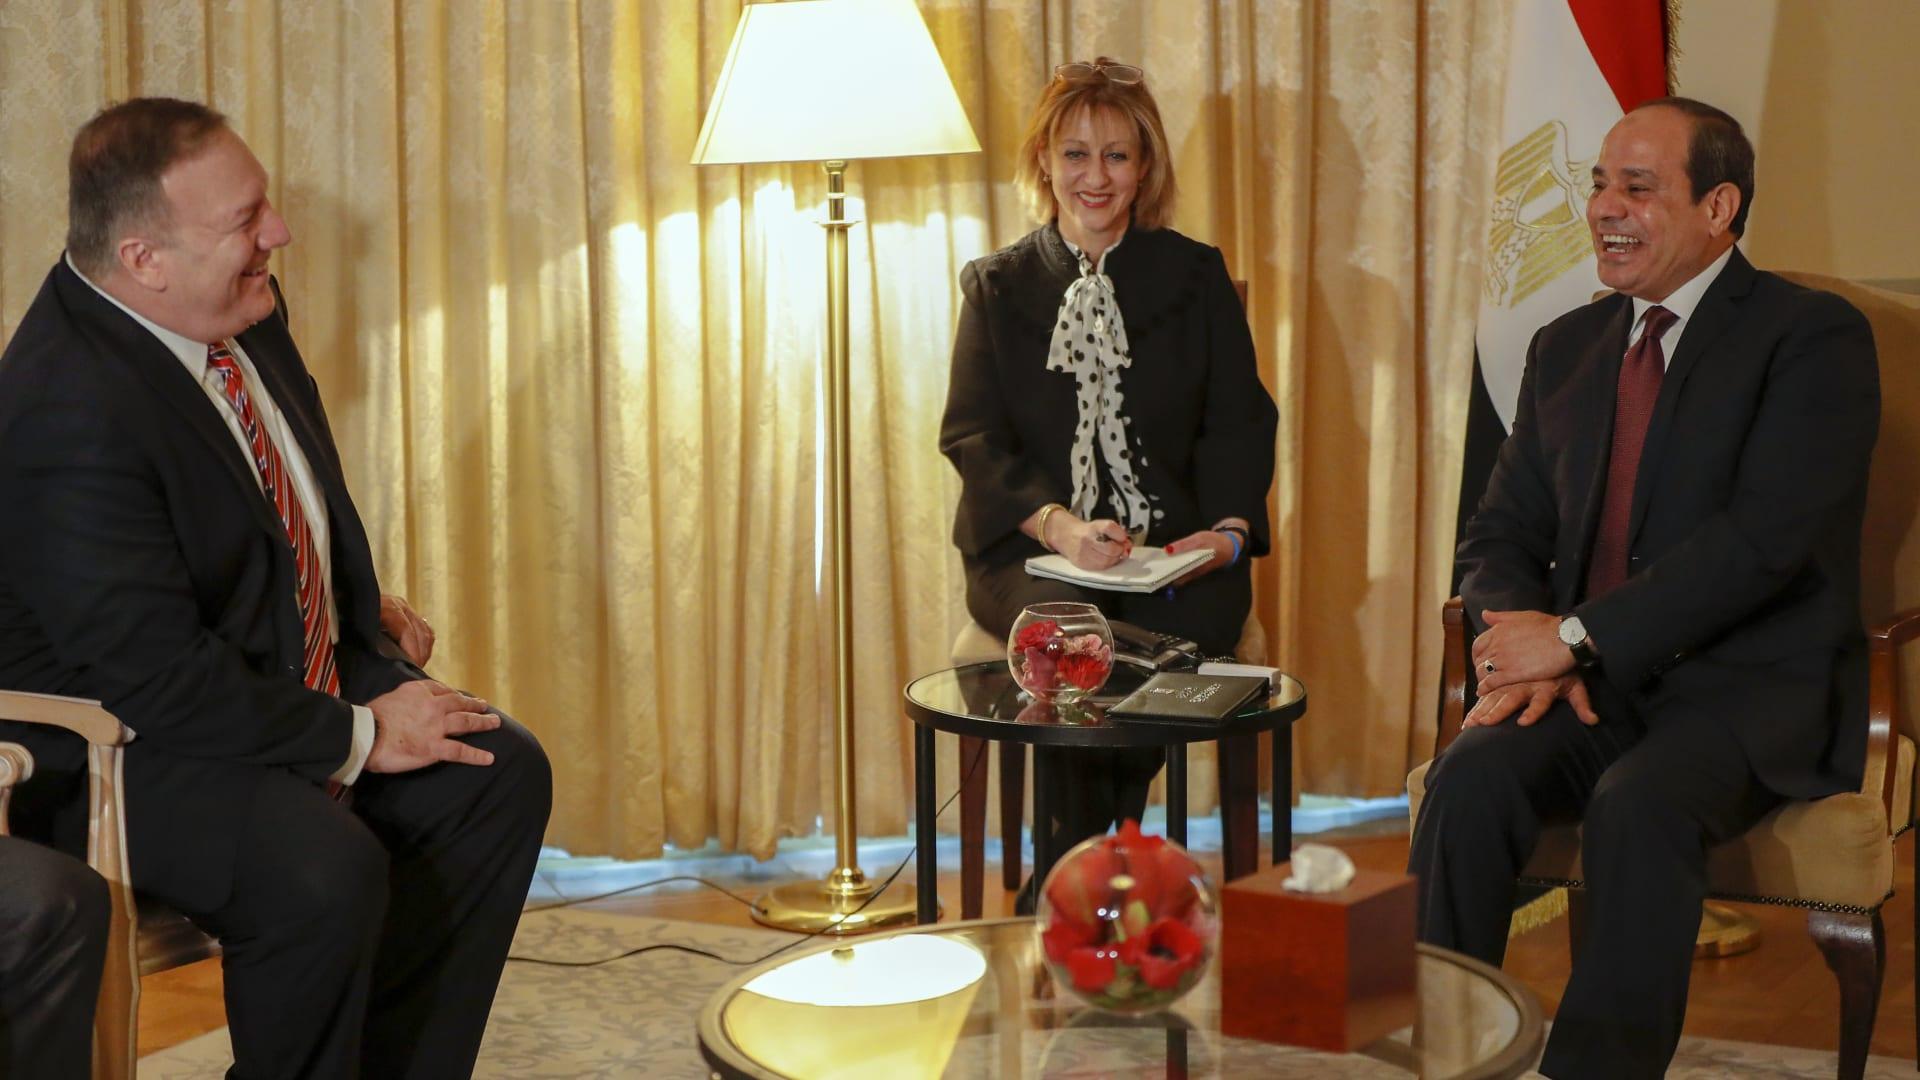 في بيان تلقته CNN.. الخارجية الأمريكية تعلق على السماح لريم الدسوقي بمغادرة مصر